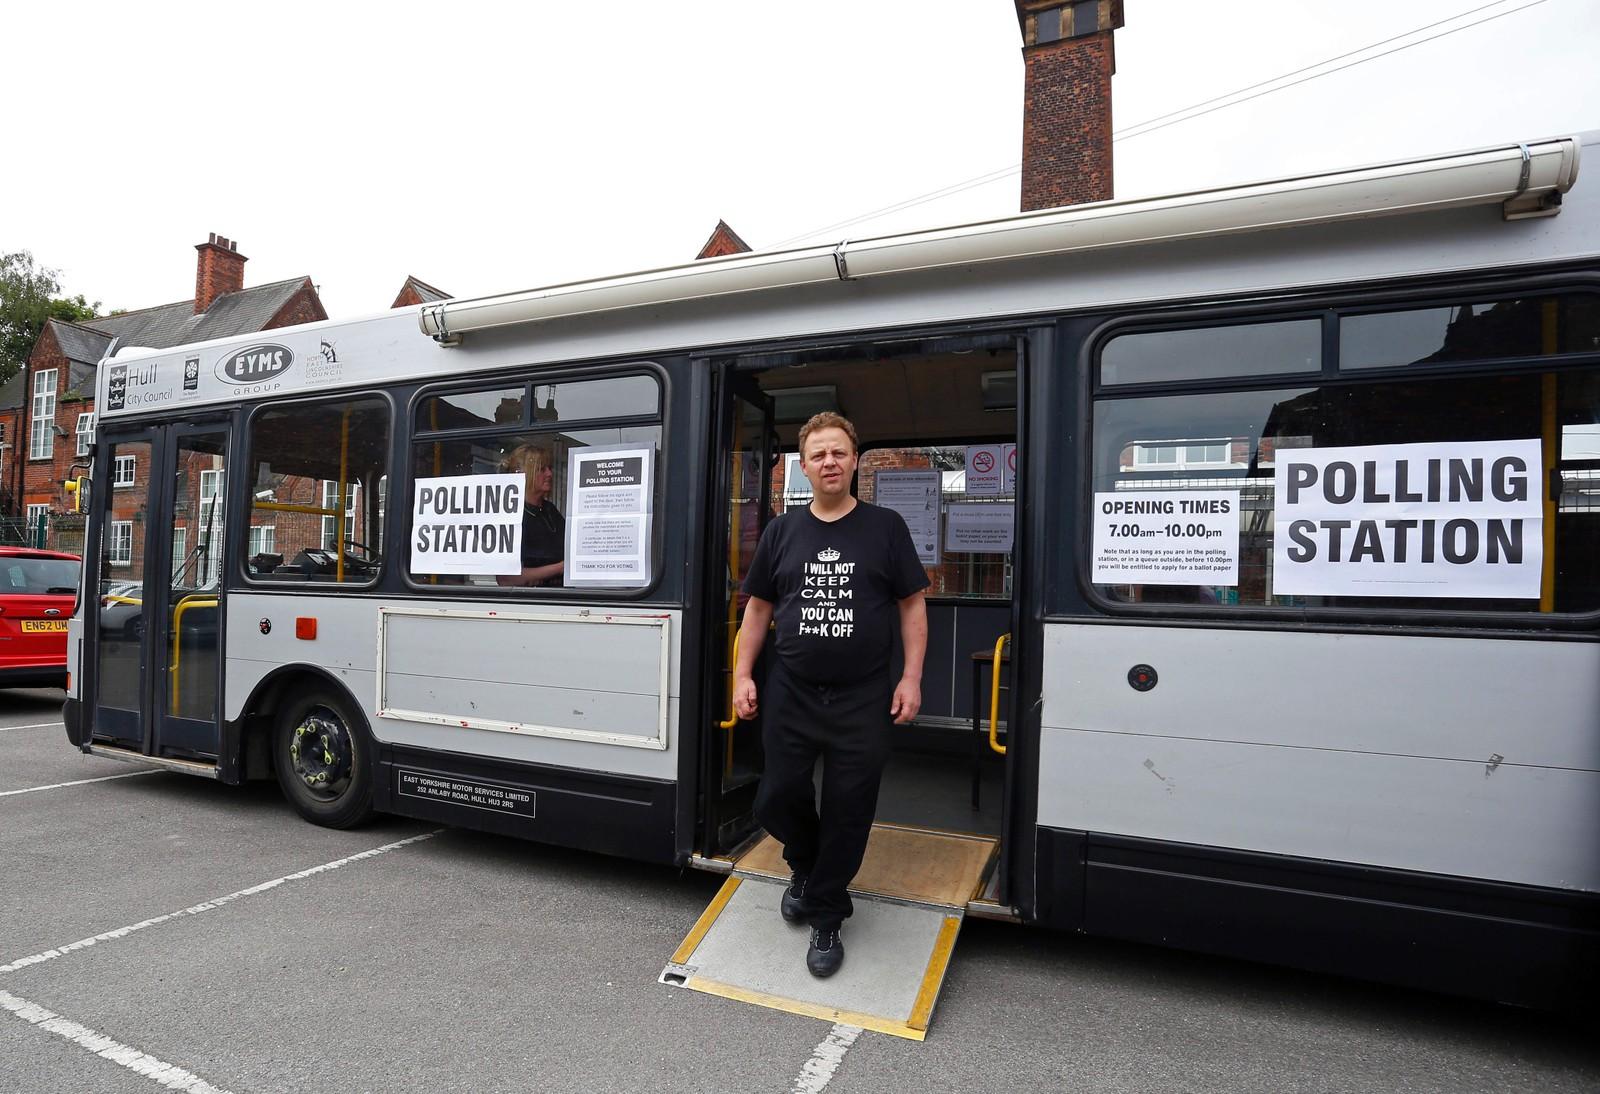 I Kingston-Upon-Hull, nord i England, kan folk avgi sin stemme i en buss.